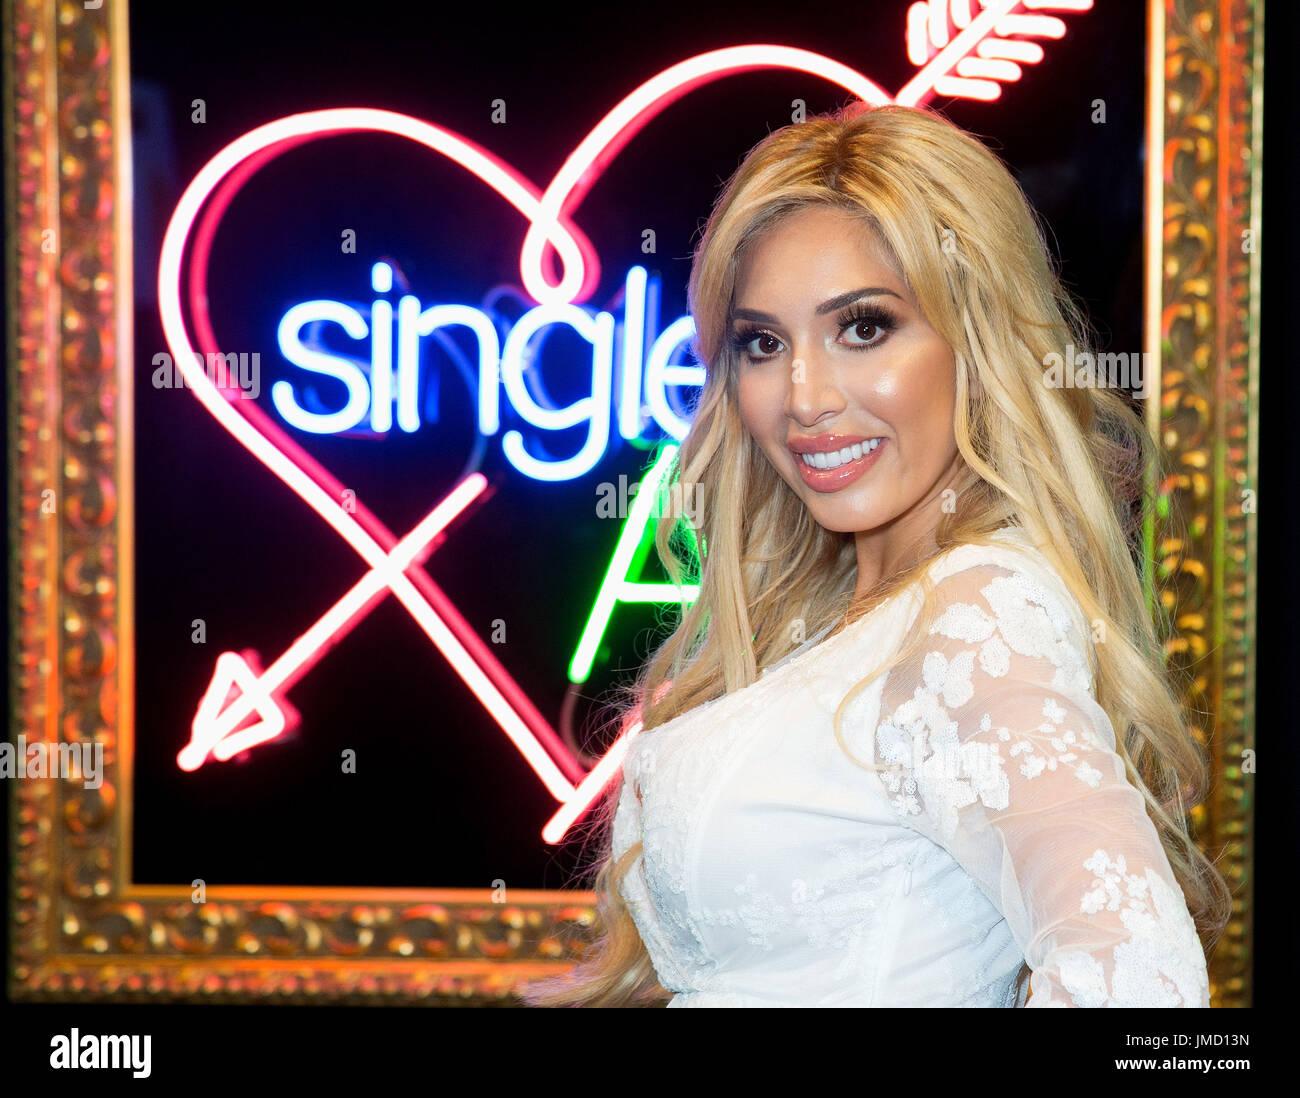 dating singler i London stor og vakker datingside vurderinger